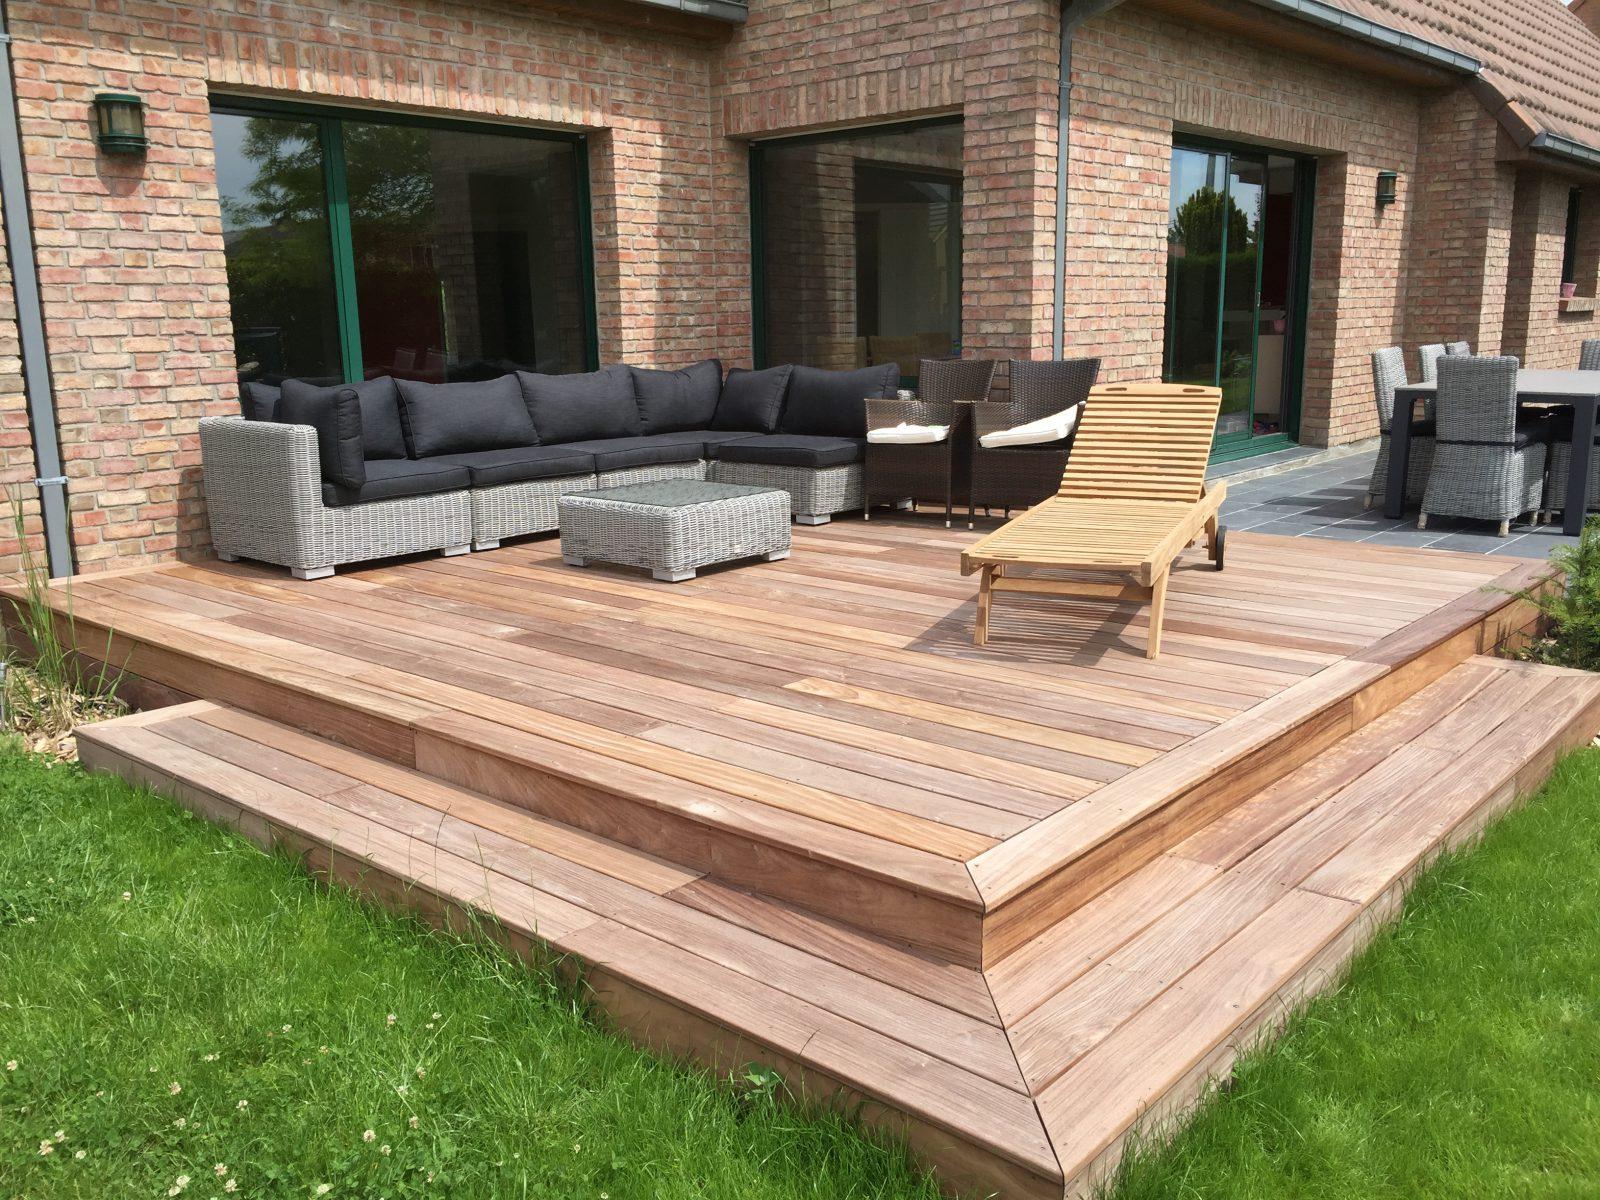 terrasse ardoise bois jardin. Black Bedroom Furniture Sets. Home Design Ideas